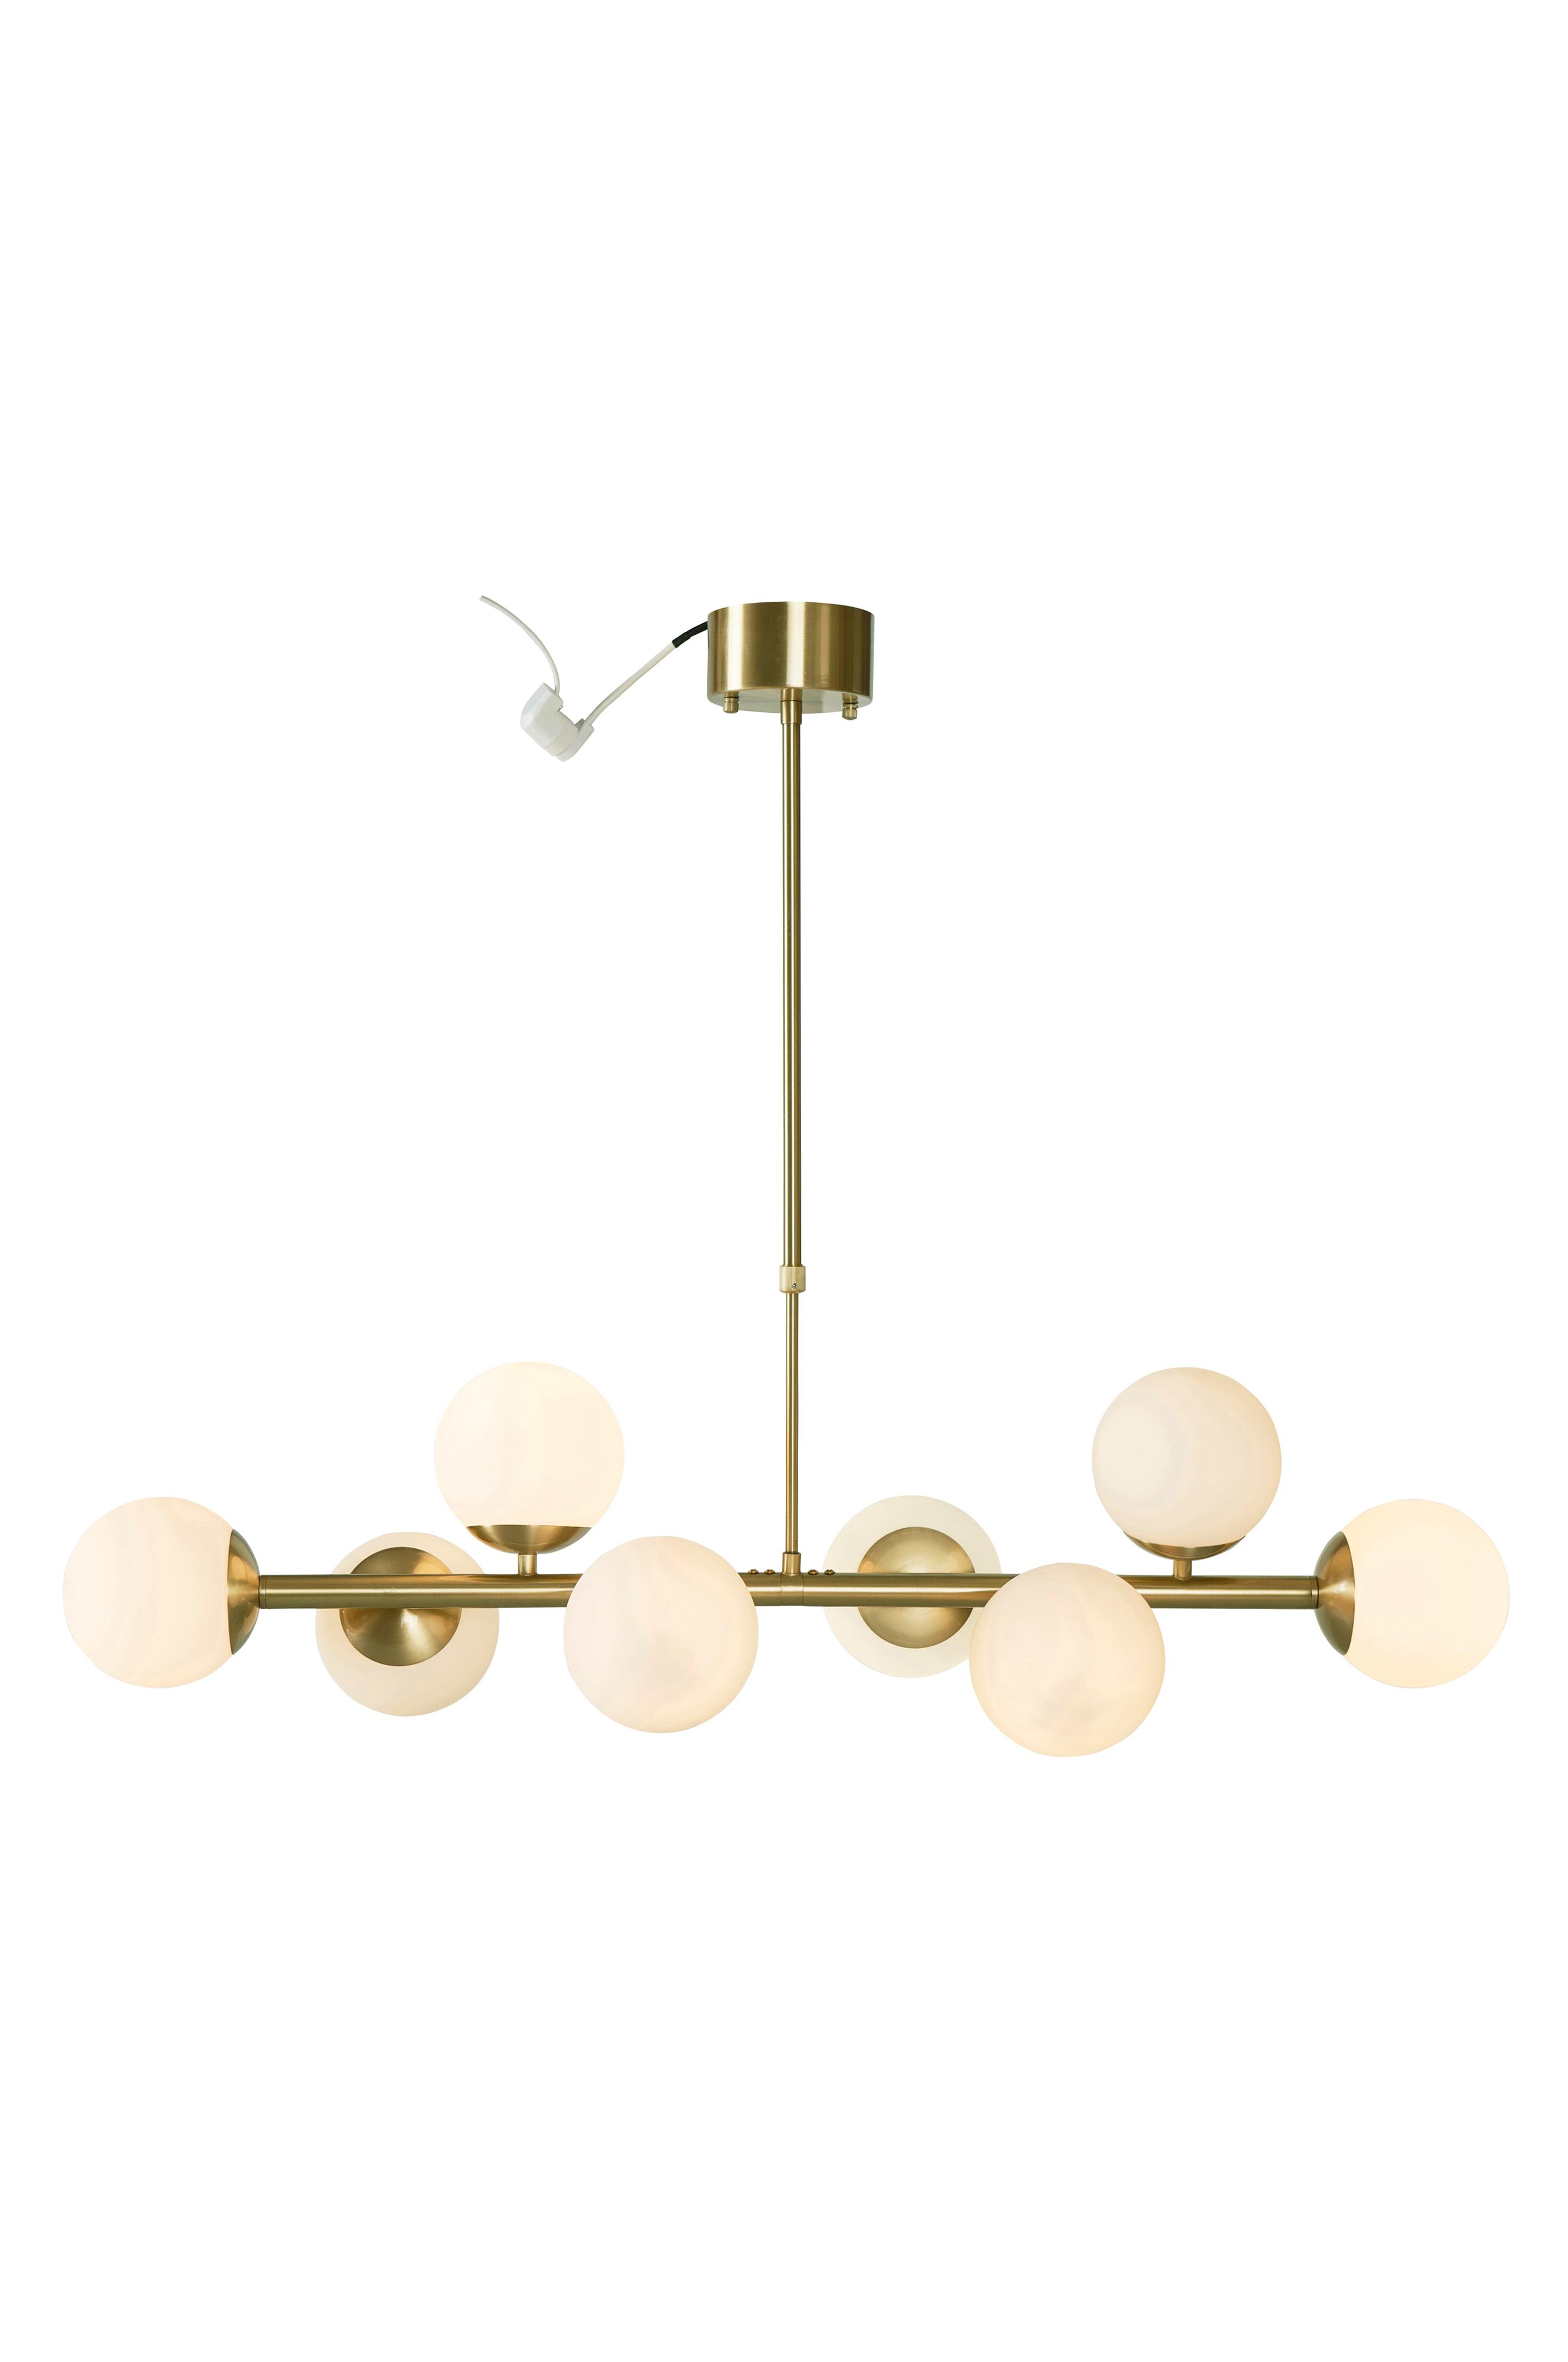 Taklampa I Stilren Modell Av Metall Med Atta Klot Av Fint Opalglas